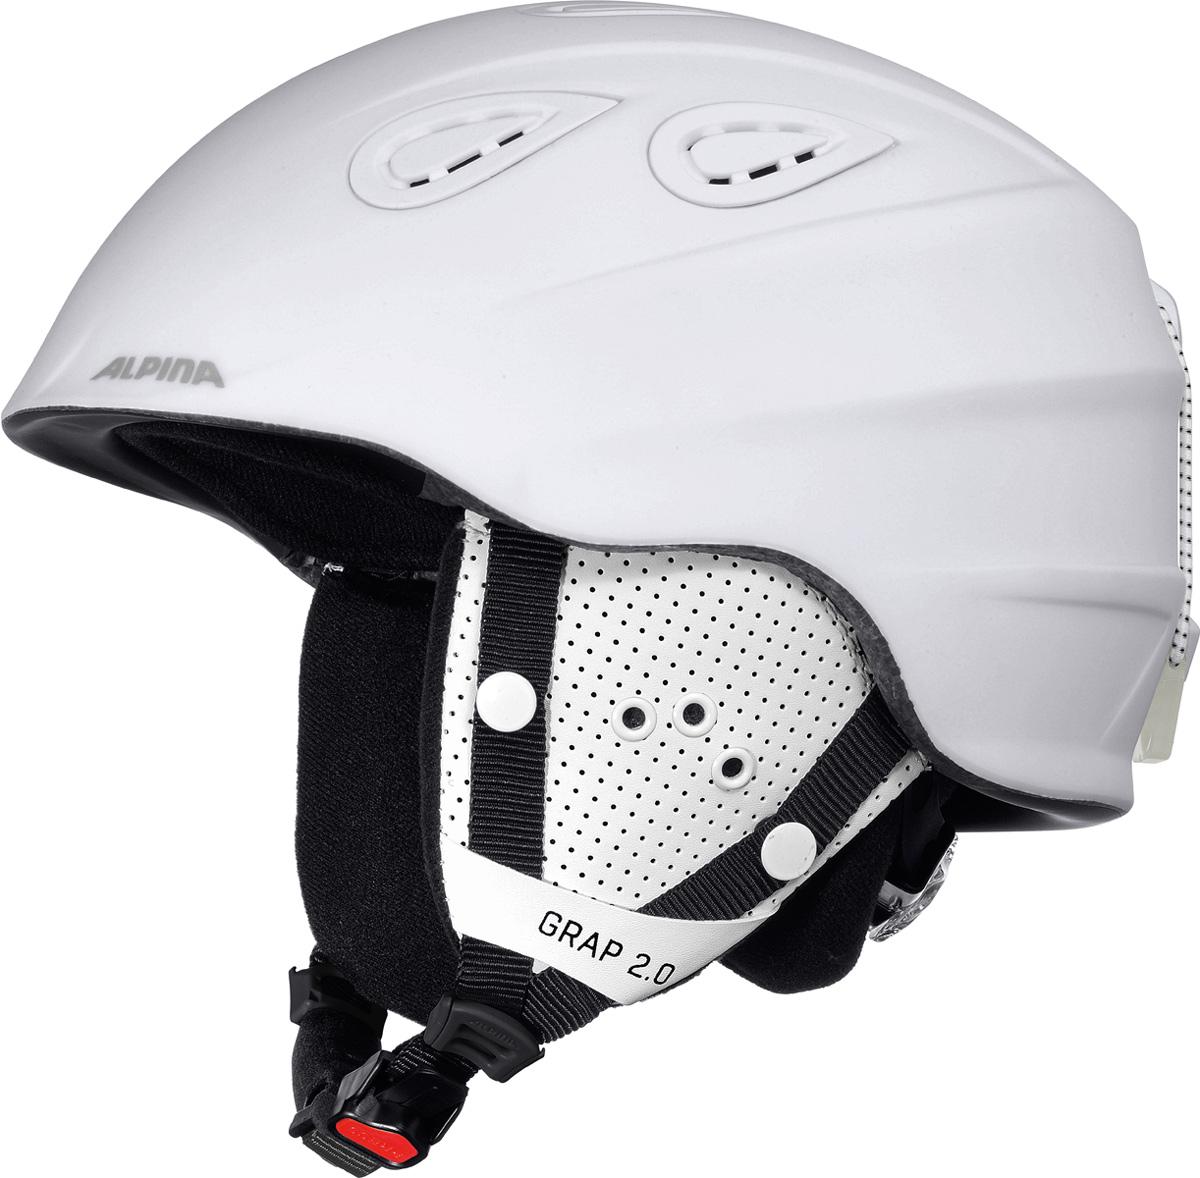 Шлем горнолыжный Alpina Grap 2.0, цвет: белый. A9085_12. Размер 54-57A9085_12Во всем мире популярность горнолыжного шлема Grap лишь набирает обороты. Alpina представляет обновленную версию самой продаваемой модели. Шлем Grap 2.0 сохранил отличительные особенности предыдущей модели и приобрел новые, за которые его выбирают райдеры по всему миру. Универсальность, легкость и прочность сделали его обязательным элементом экипировки любителей горнолыжного спорта. Модель также представлена в детской линейке шлемов.Технологии:Конструкция In-Mold - соединение внутреннего слоя из EPS (вспененного полистирола) с внешним покрытием под большим давлением в условиях высокой температуры. В результате внешняя поликарбонатная оболочка сохраняет форму конструкции, предотвращая поломку и попадание осколков внутрь шлема, а внутренний слой Hi-EPS, состоящий из множества наполненных воздухом гранул, амортизирует ударную волну, защищая голову райдера от повреждений.Внешнее покрытие Ceramic Shell обеспечивает повышенную ударопрочность и износостойкость, а также обладает защитой от УФ-излучений, препятствующей выгоранию на солнце, и антистатичными свойствами.Съемный внутренний тканевый слой. Подкладку можно постирать и легко вставить обратно. Своевременный уход за внутренником предотвращает появление неприятного запаха.Вентиляционная система с раздвижным механизмом с возможностью регулировки интенсивности потока воздуха.Классическая система регулировки в шлемах Alpina Run System с регулировочным кольцом на затылке позволяет быстро и легко подобрать оптимальную и комфортную плотность посадки на голове.Съемные ушки согревают в холодную погоду, а в теплую компактно хранятся в кармане куртки.Шейный воротник из микрофлиса в задней части шлема быстро согревает и не давит на шею.Ремешок фиксируется кнопкой с запирающим механизмом. Застежка максимально удобна для использования в перчатках.Система Edge Protect в конструкции шлема защищает голову горнолыжника при боковом ударе.Система Y-Clip гарантиру